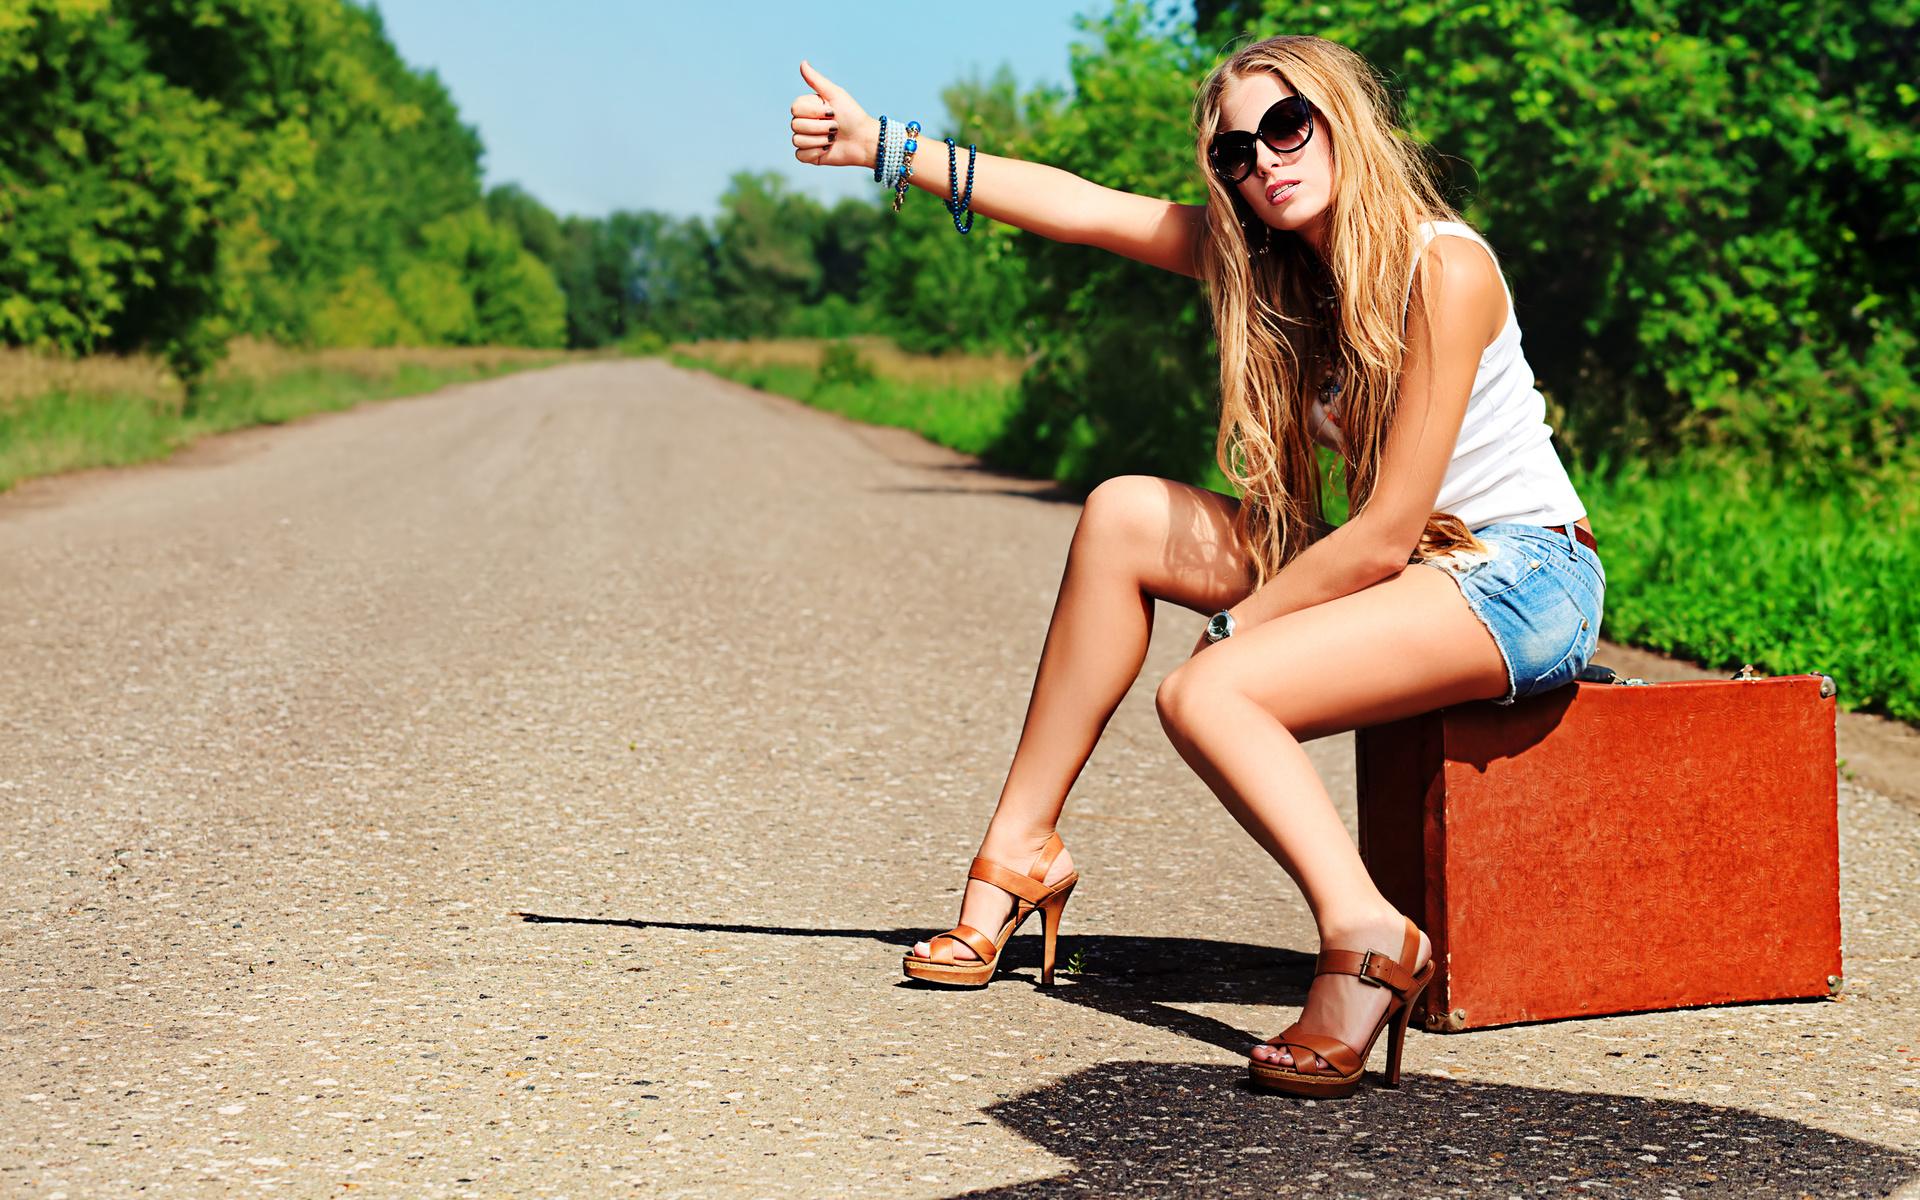 девушка, природа, попутчица, ножки, чемодан, автостоп, деревья